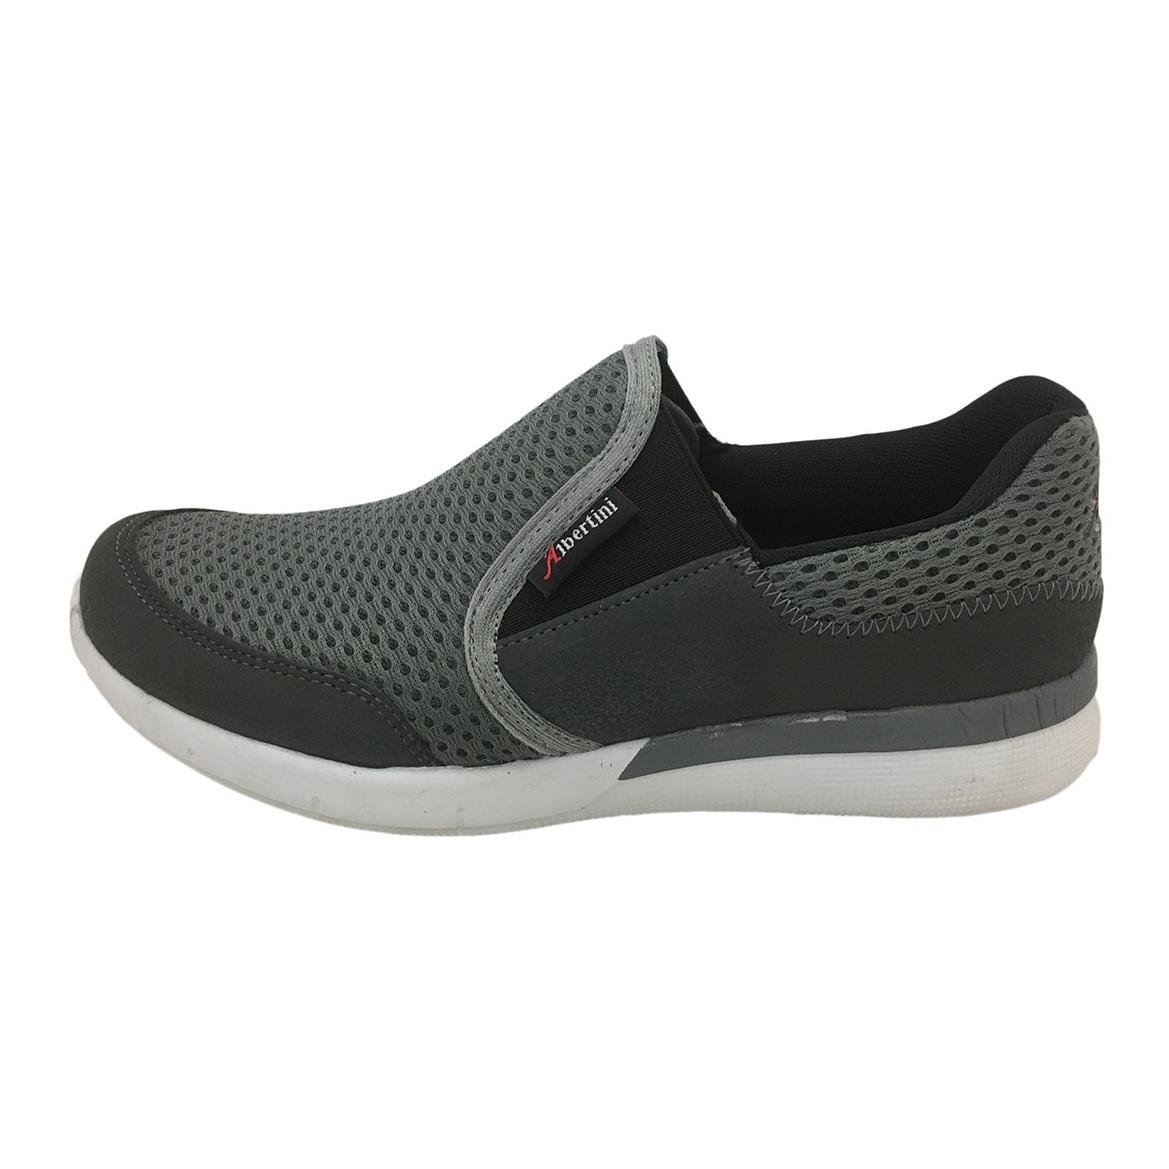 کفش مخصوص پیاده روی زنانه آلبرتینی مدل 1184